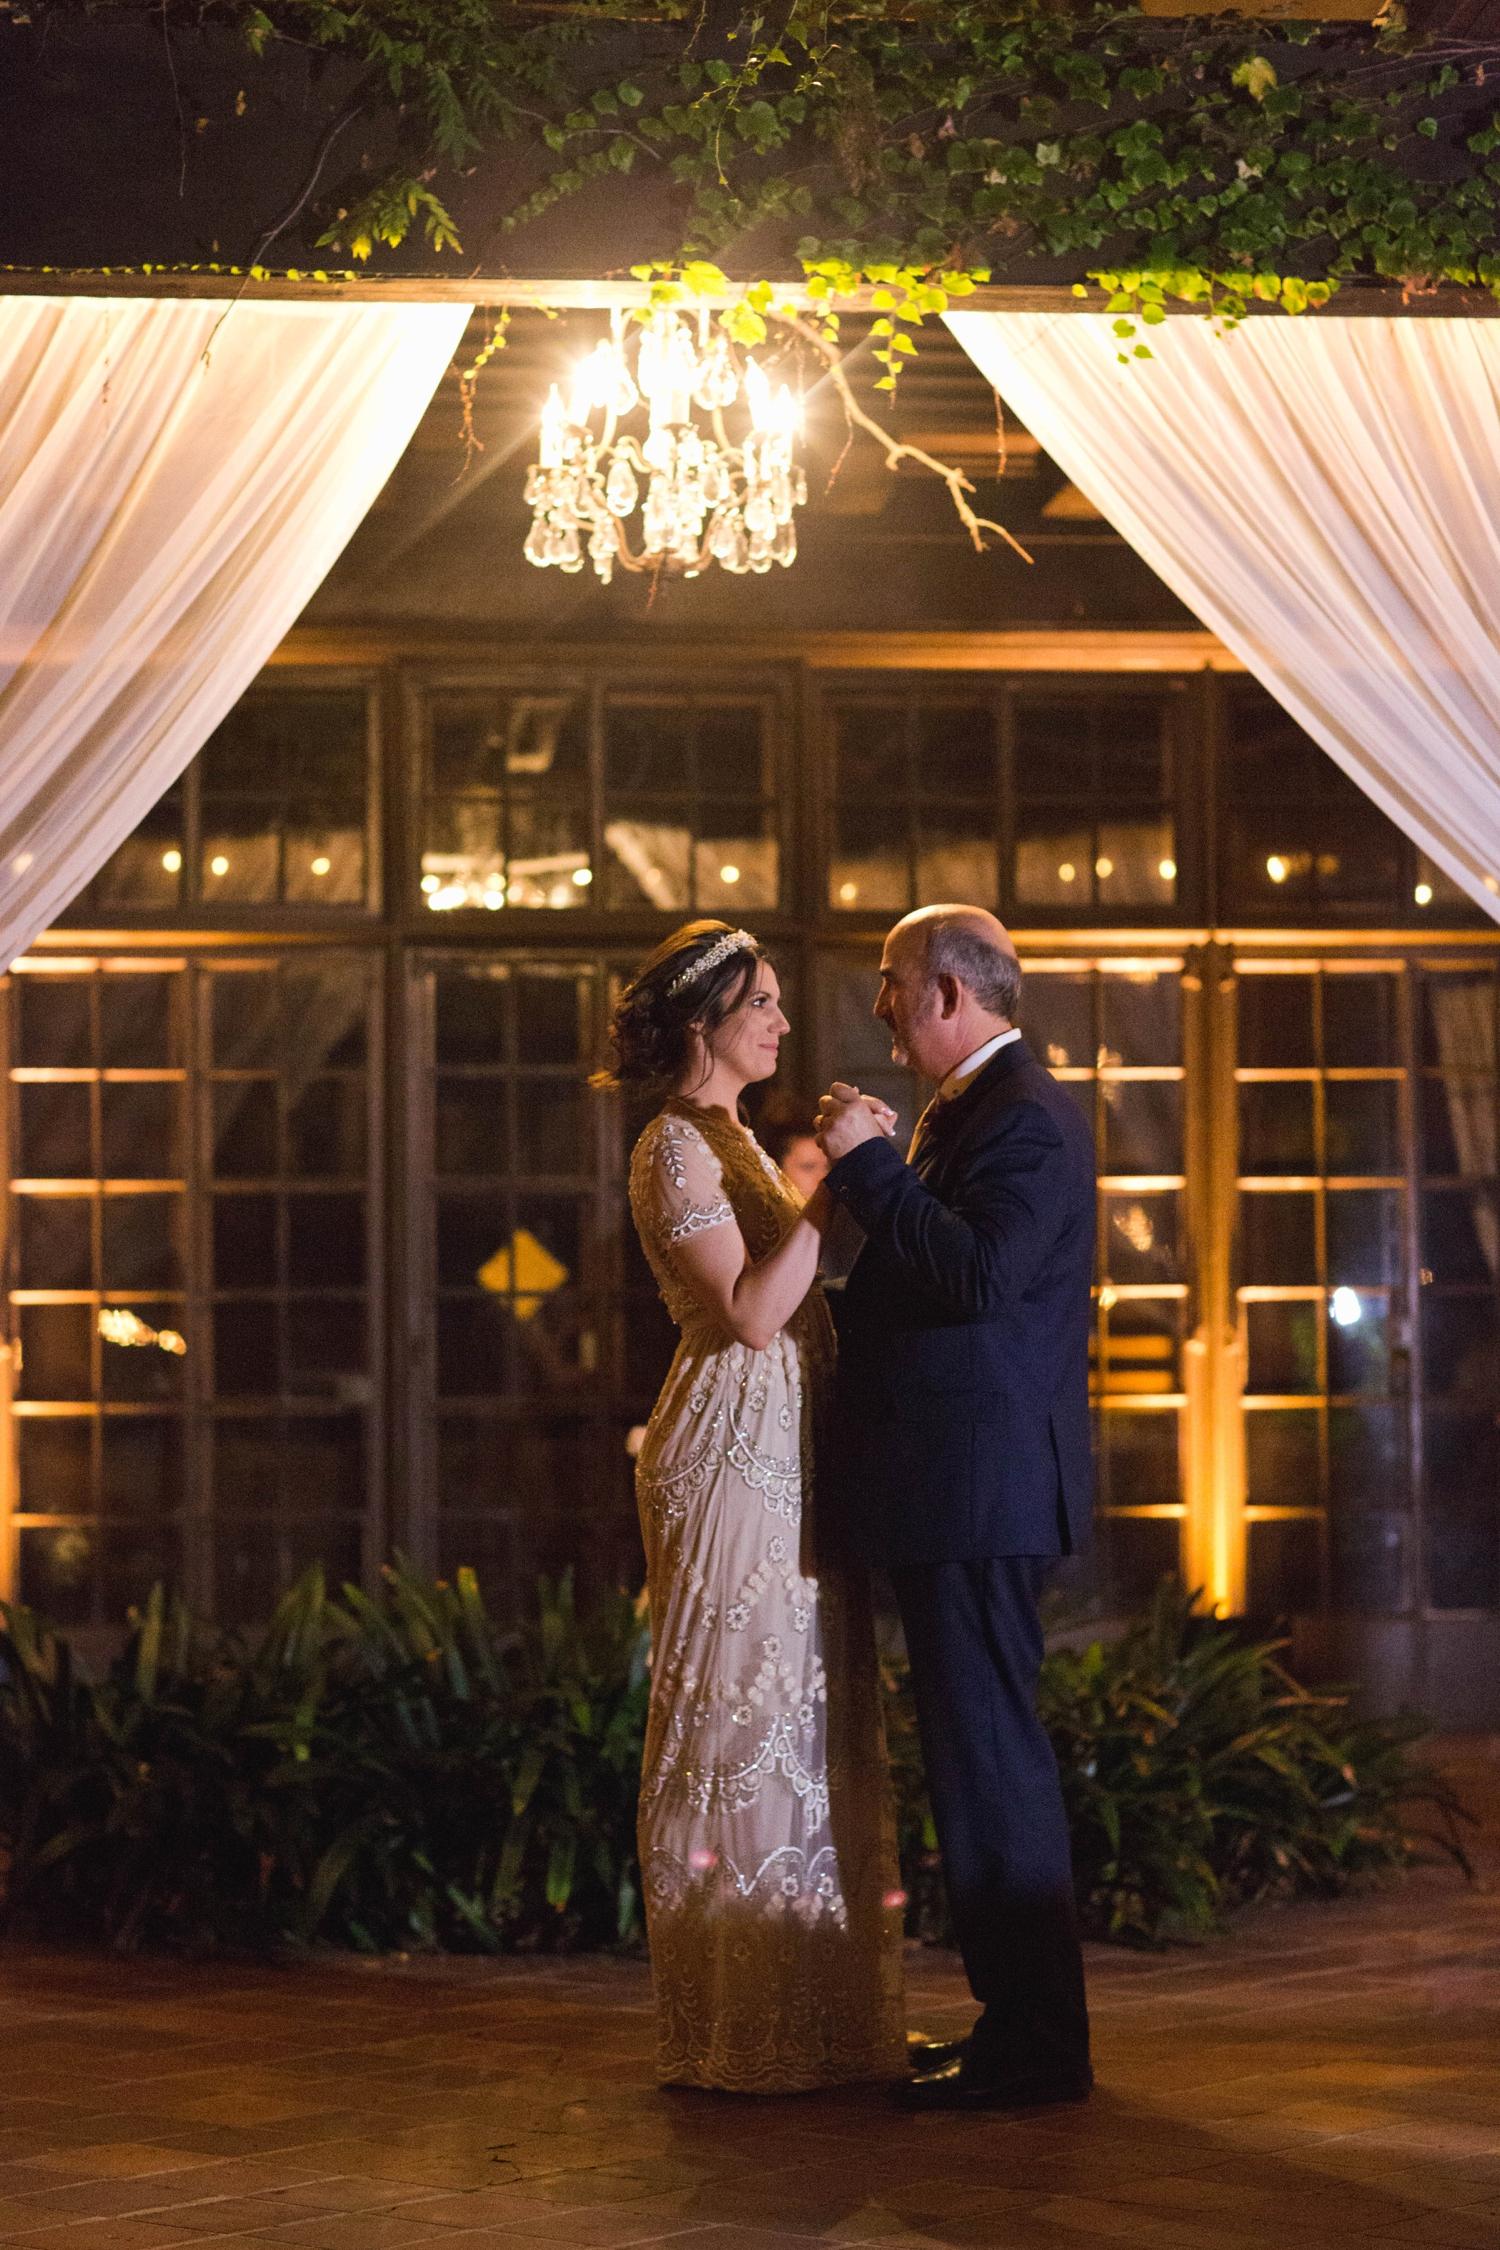 shewanders.coronado.wedding.photography2420.jpg.wedding.photography2420.jpg